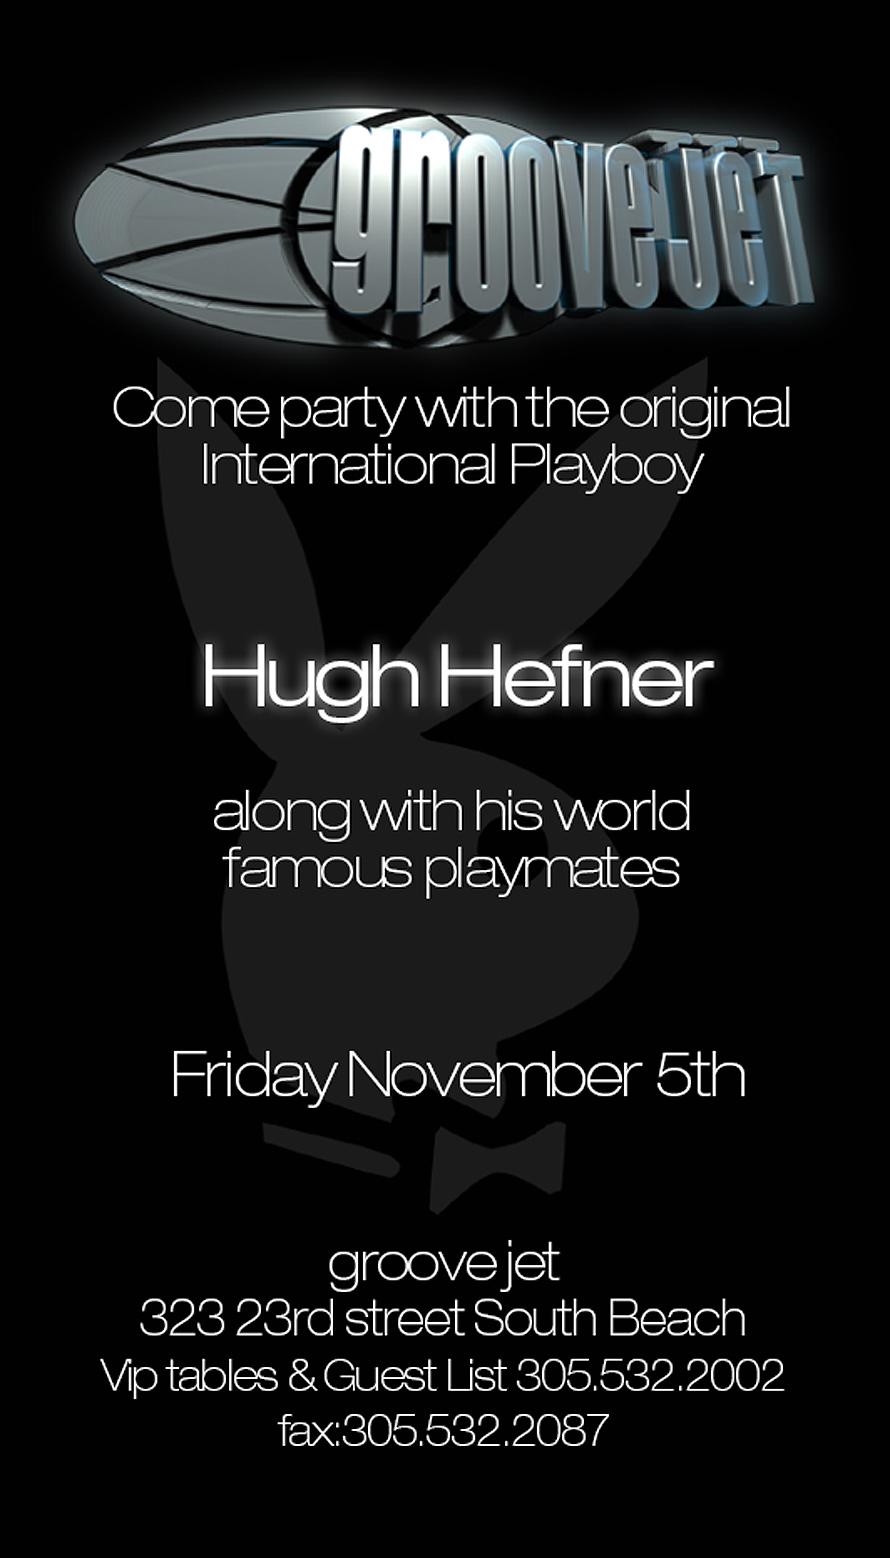 Hugh Hefner at Groove Jet